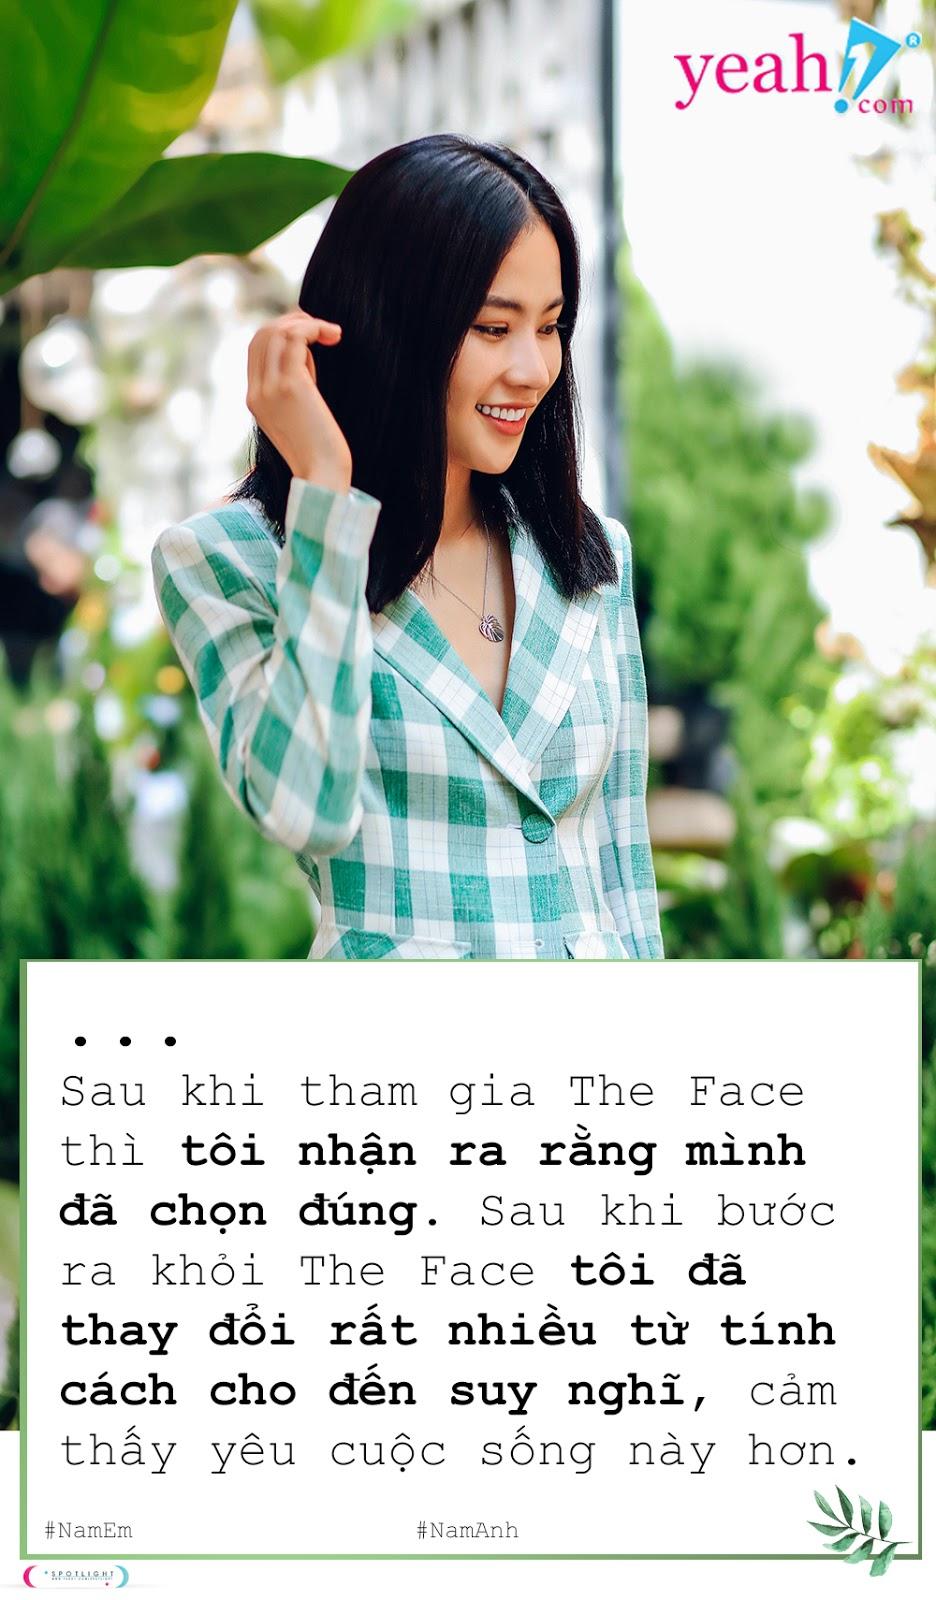 """Nam Anh - Tắc kè hoa ẩn mình dưới cái bóng """"Chị gái Nam Em"""""""